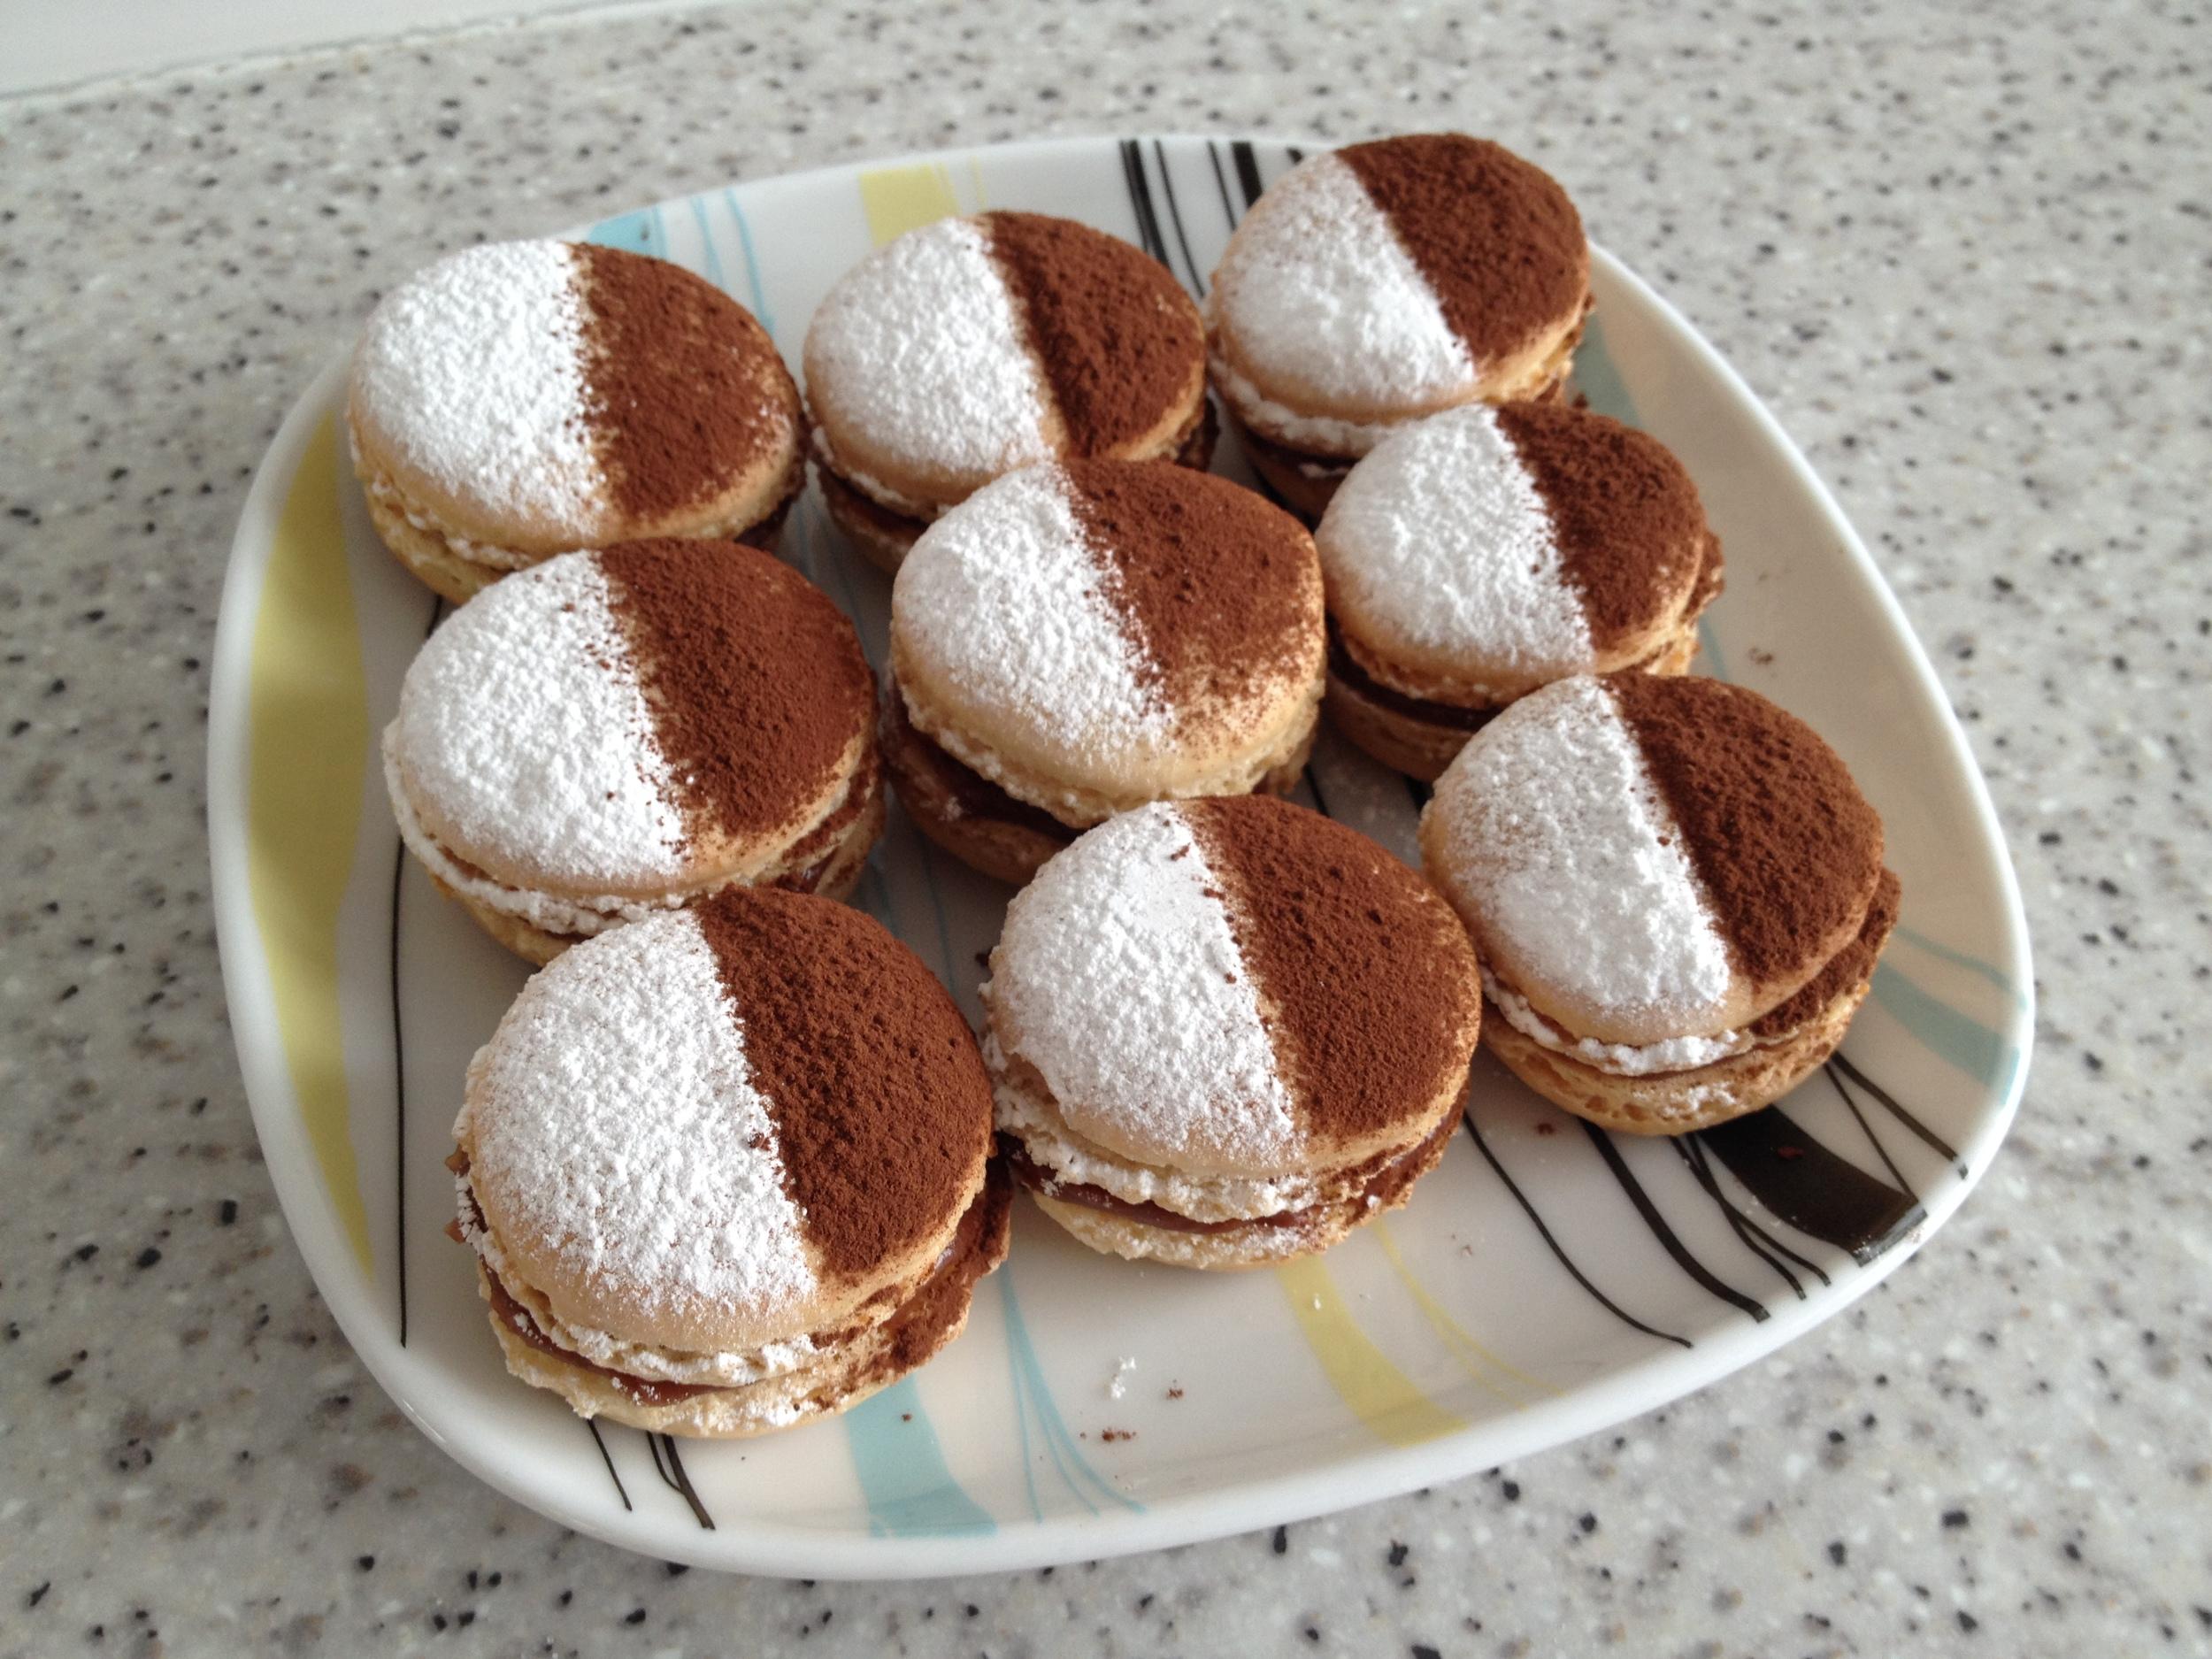 Rum truffle macarons